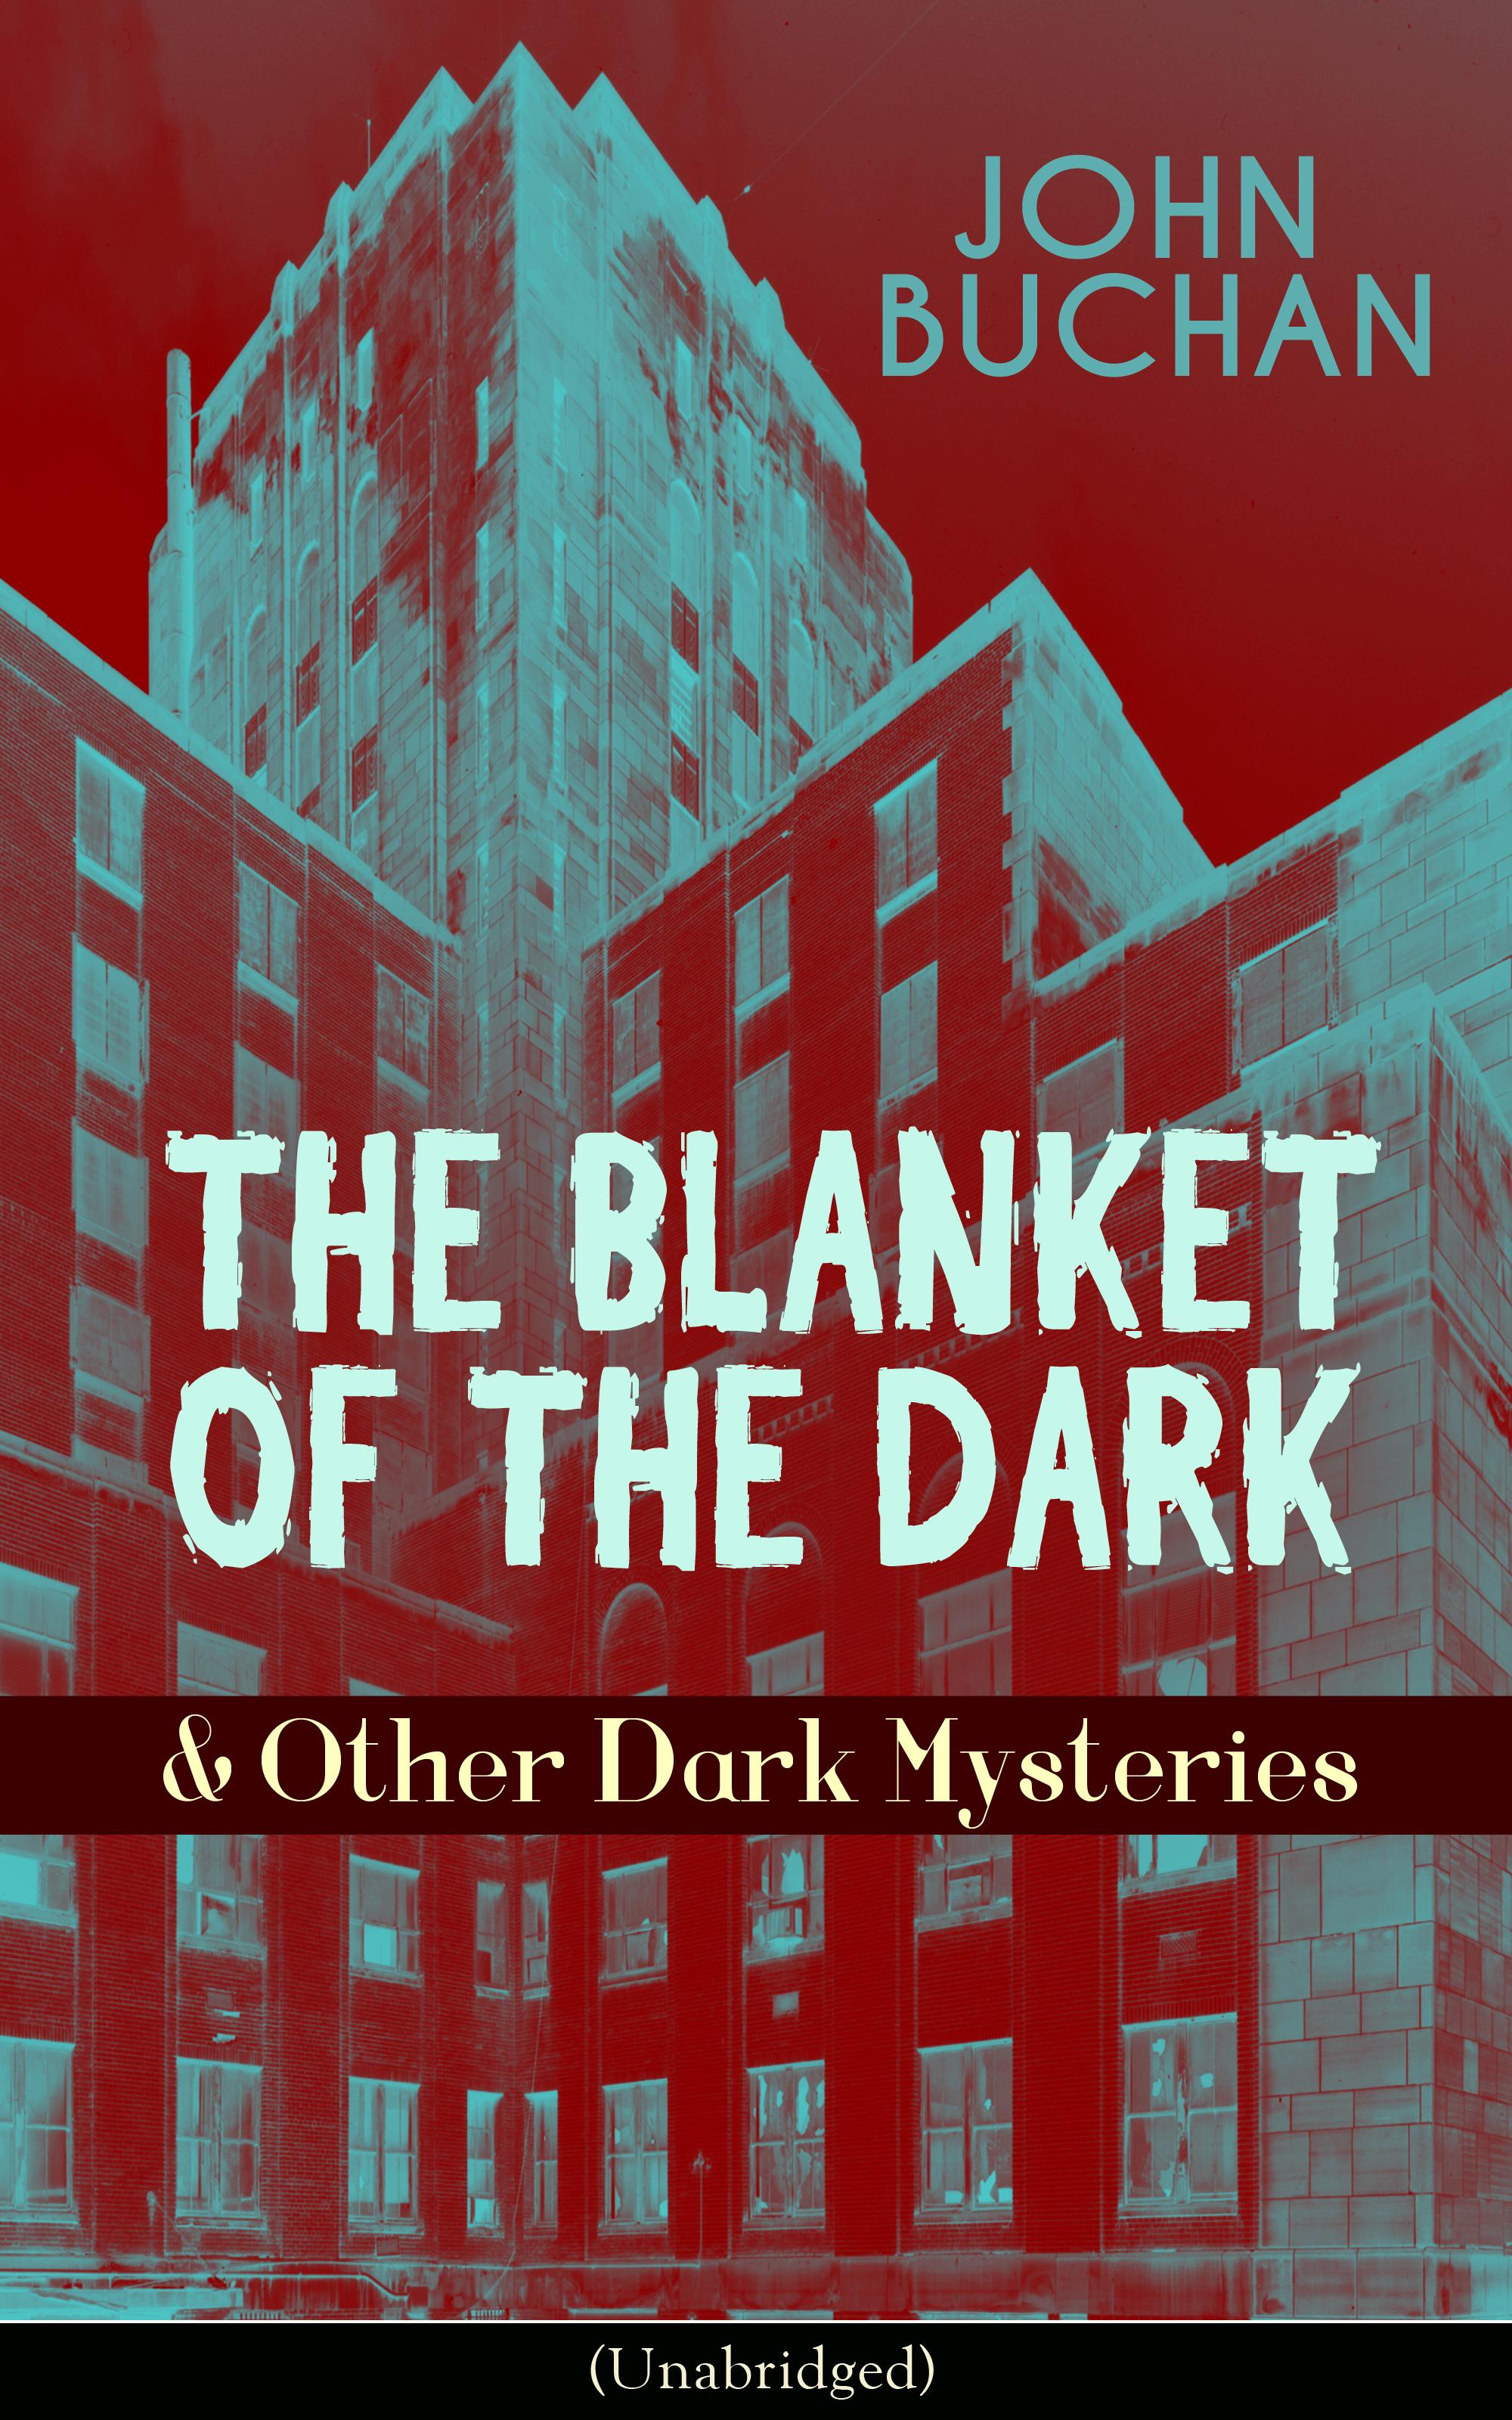 Buchan John THE BLANKET OF THE DARK & Other Dark Mysteries (Unabridged) blanket fur mink dark